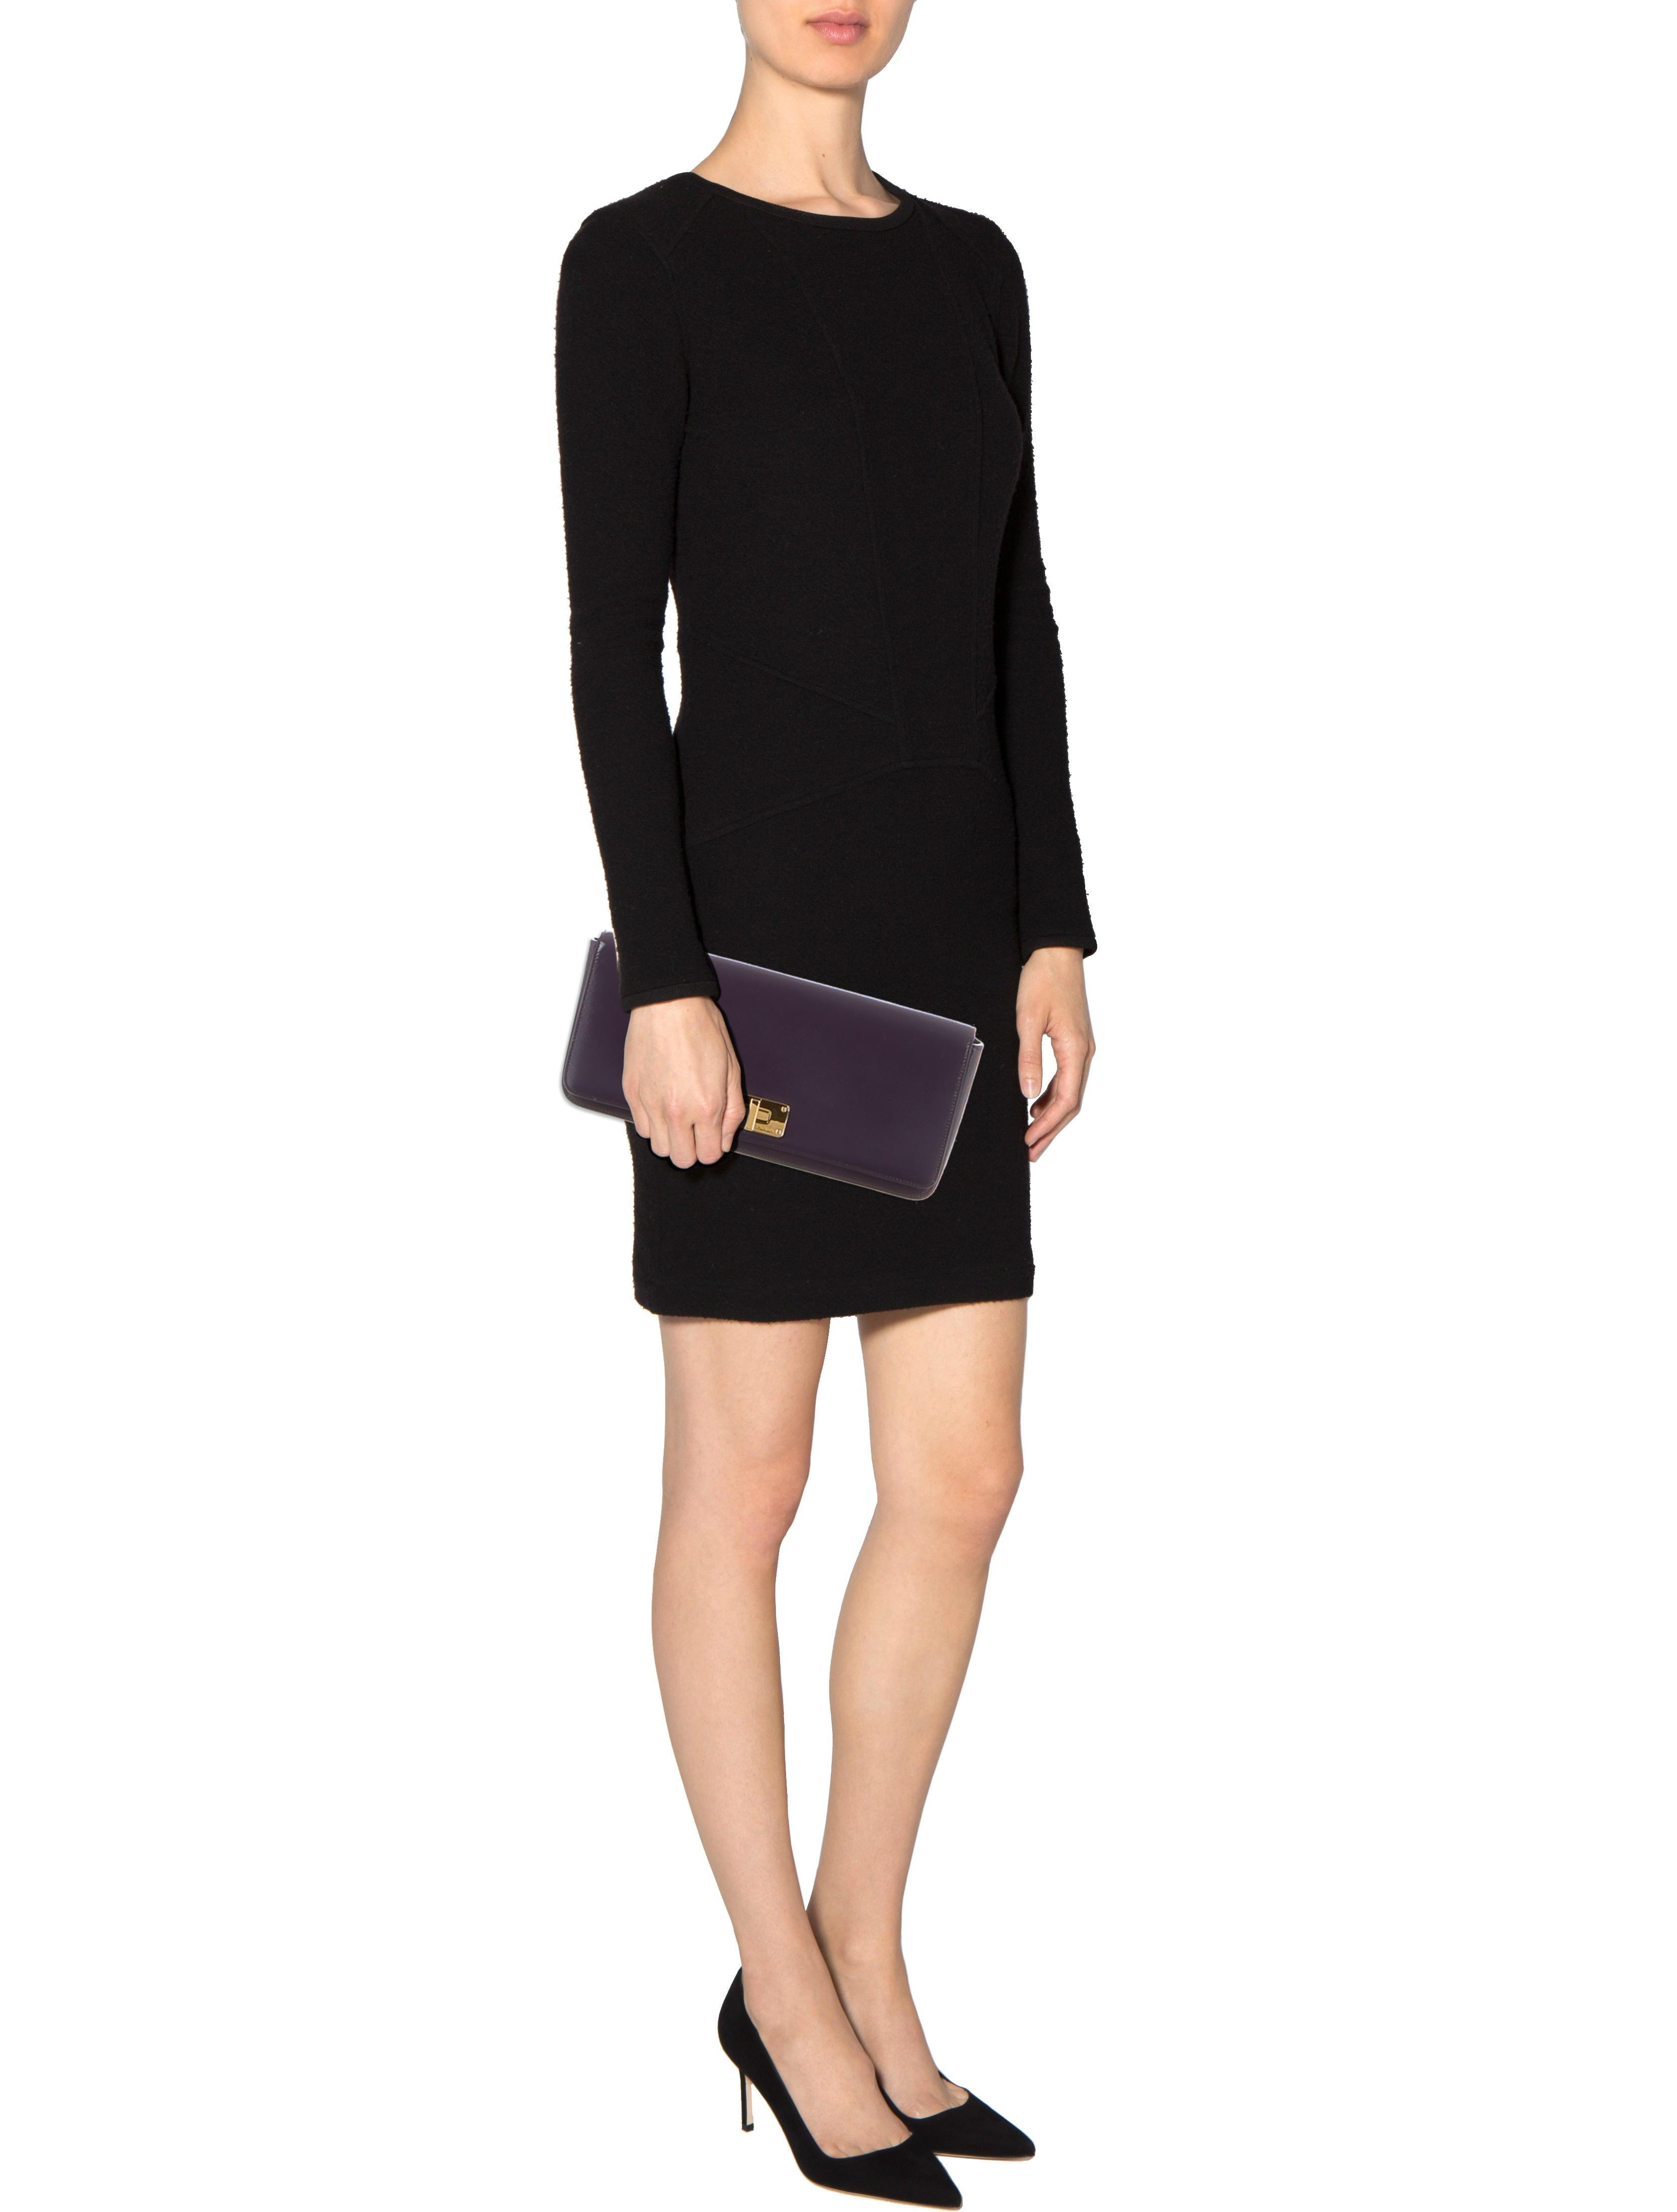 Prada Saffiano Vernice Clutch - Handbags - PRA84069 | The RealReal